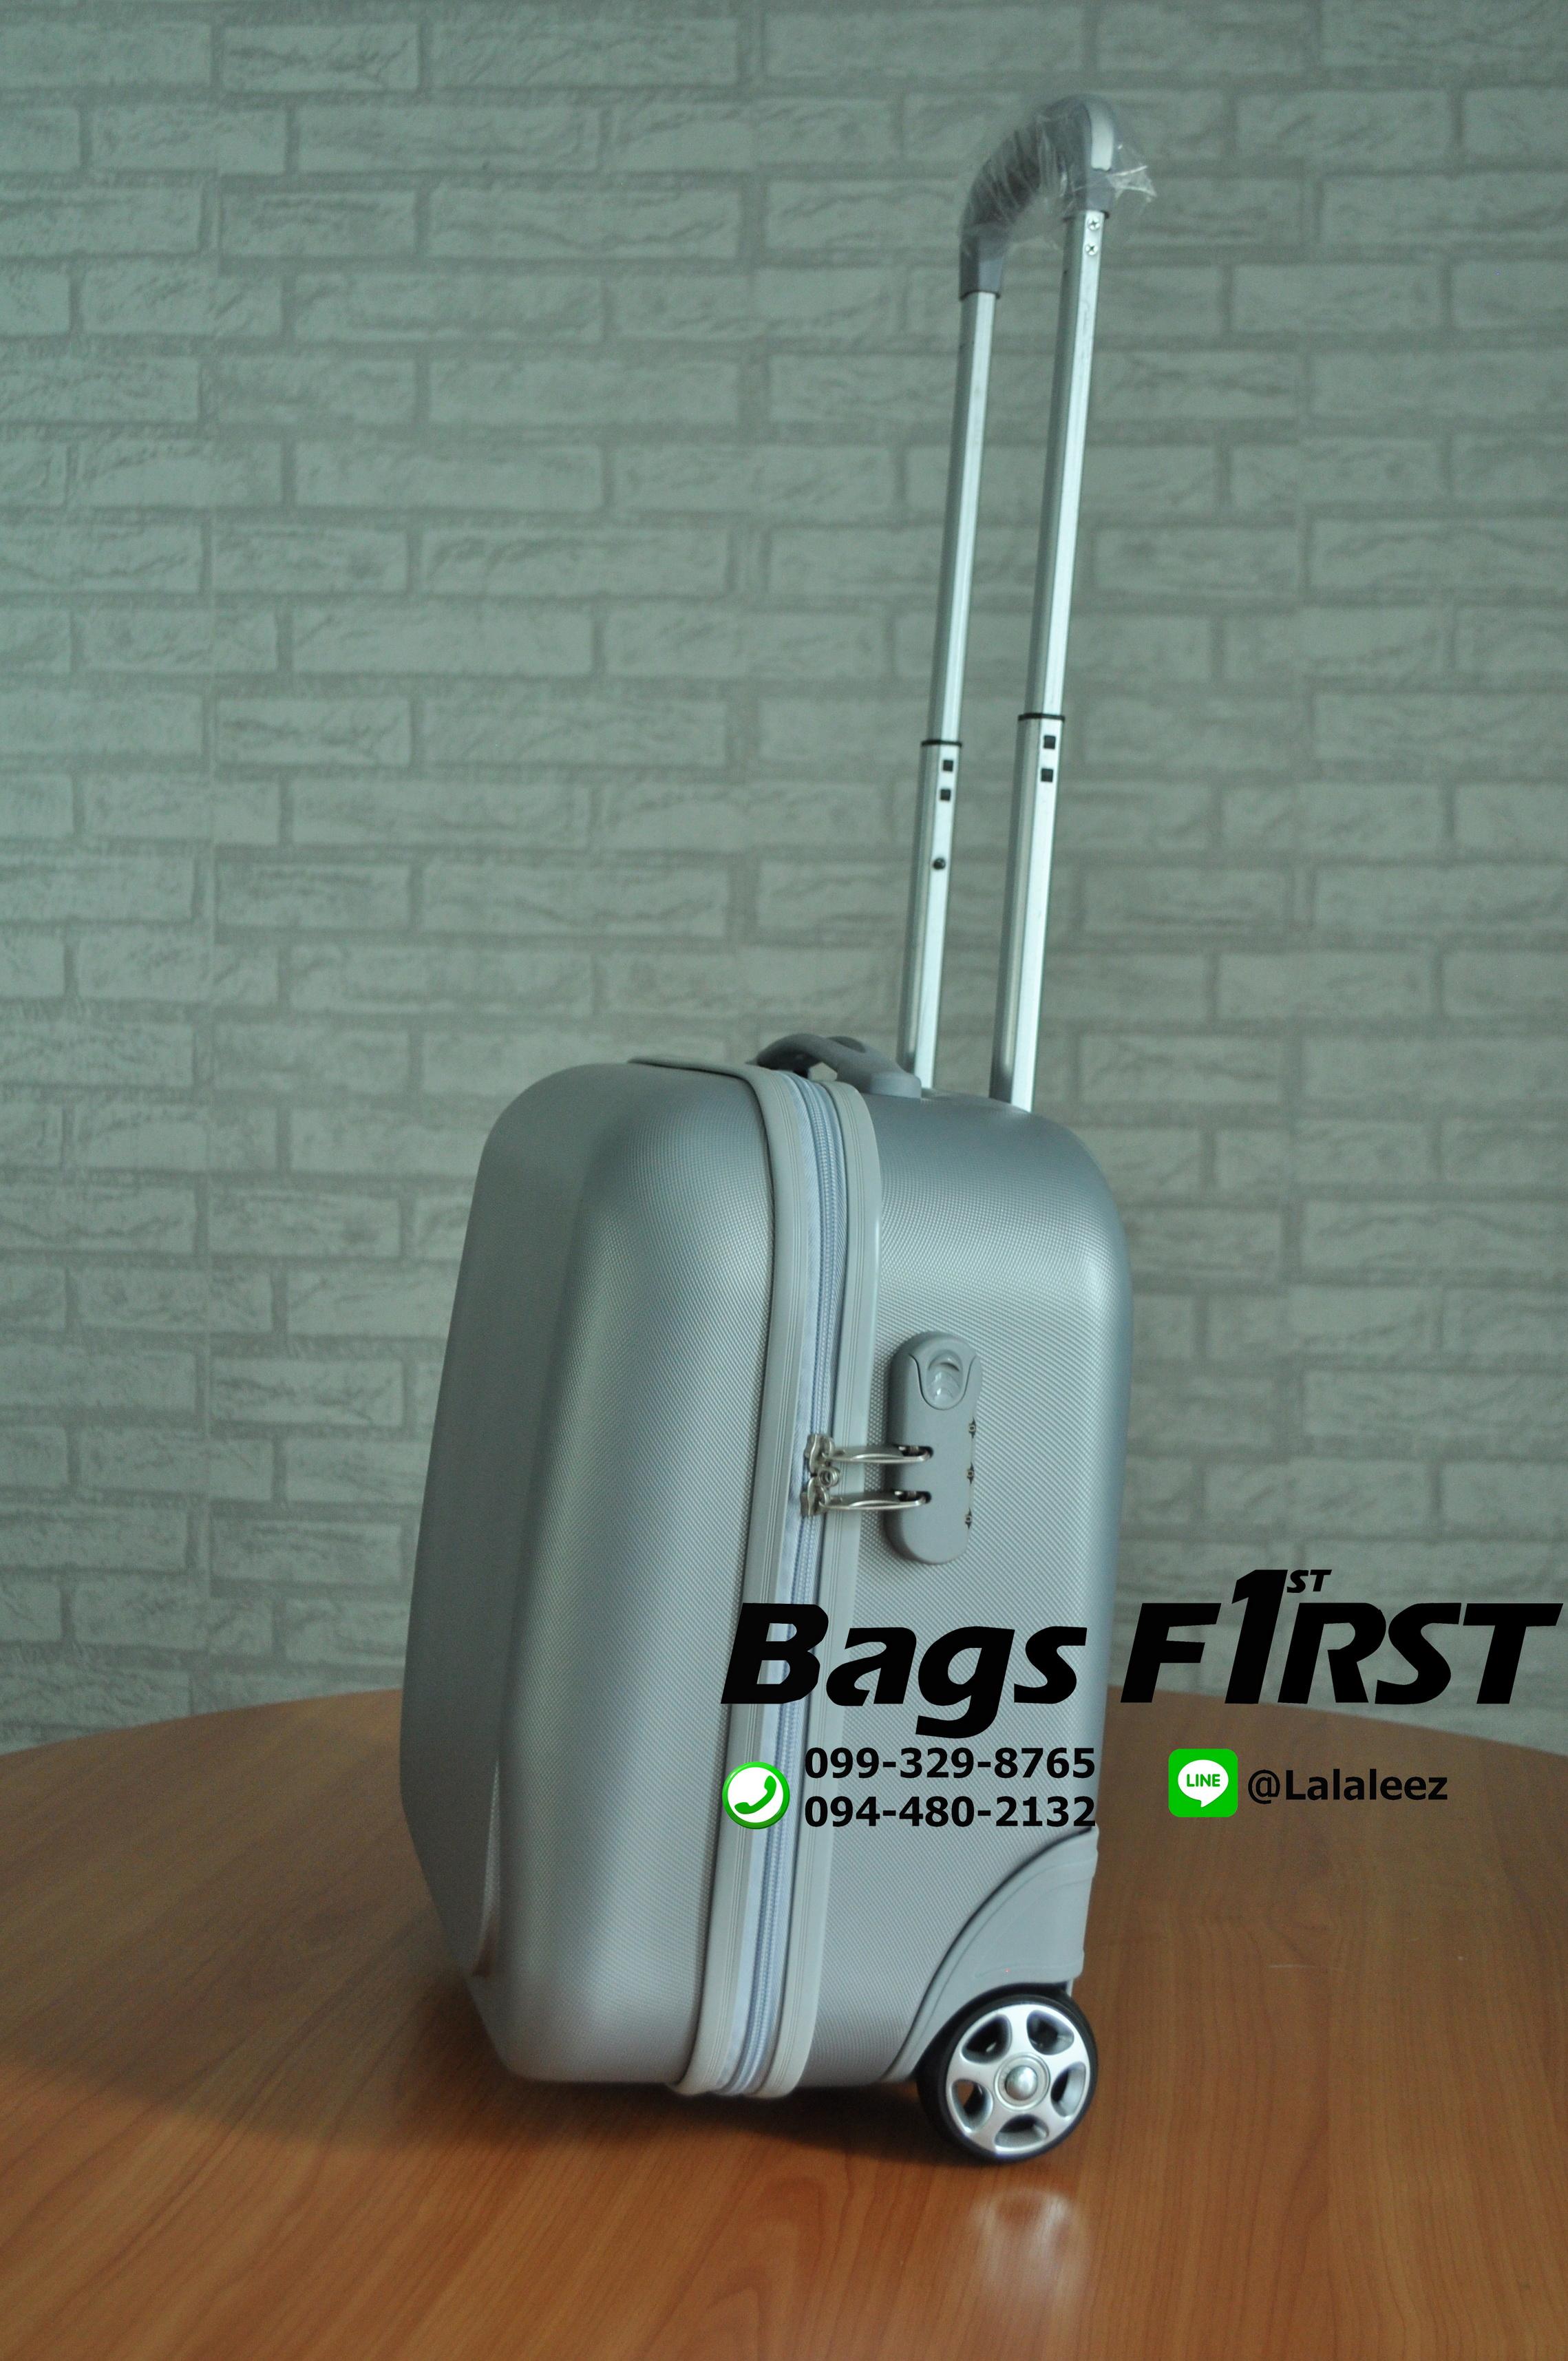 กระเป๋าเดินทาง กระเป๋าเดินทางไฟเบอร์ กระเป๋าเดินทางราคาส่ง กระเป๋าเดินทาง16นิ้ว กระเป๋าเดินทางราคาถูก